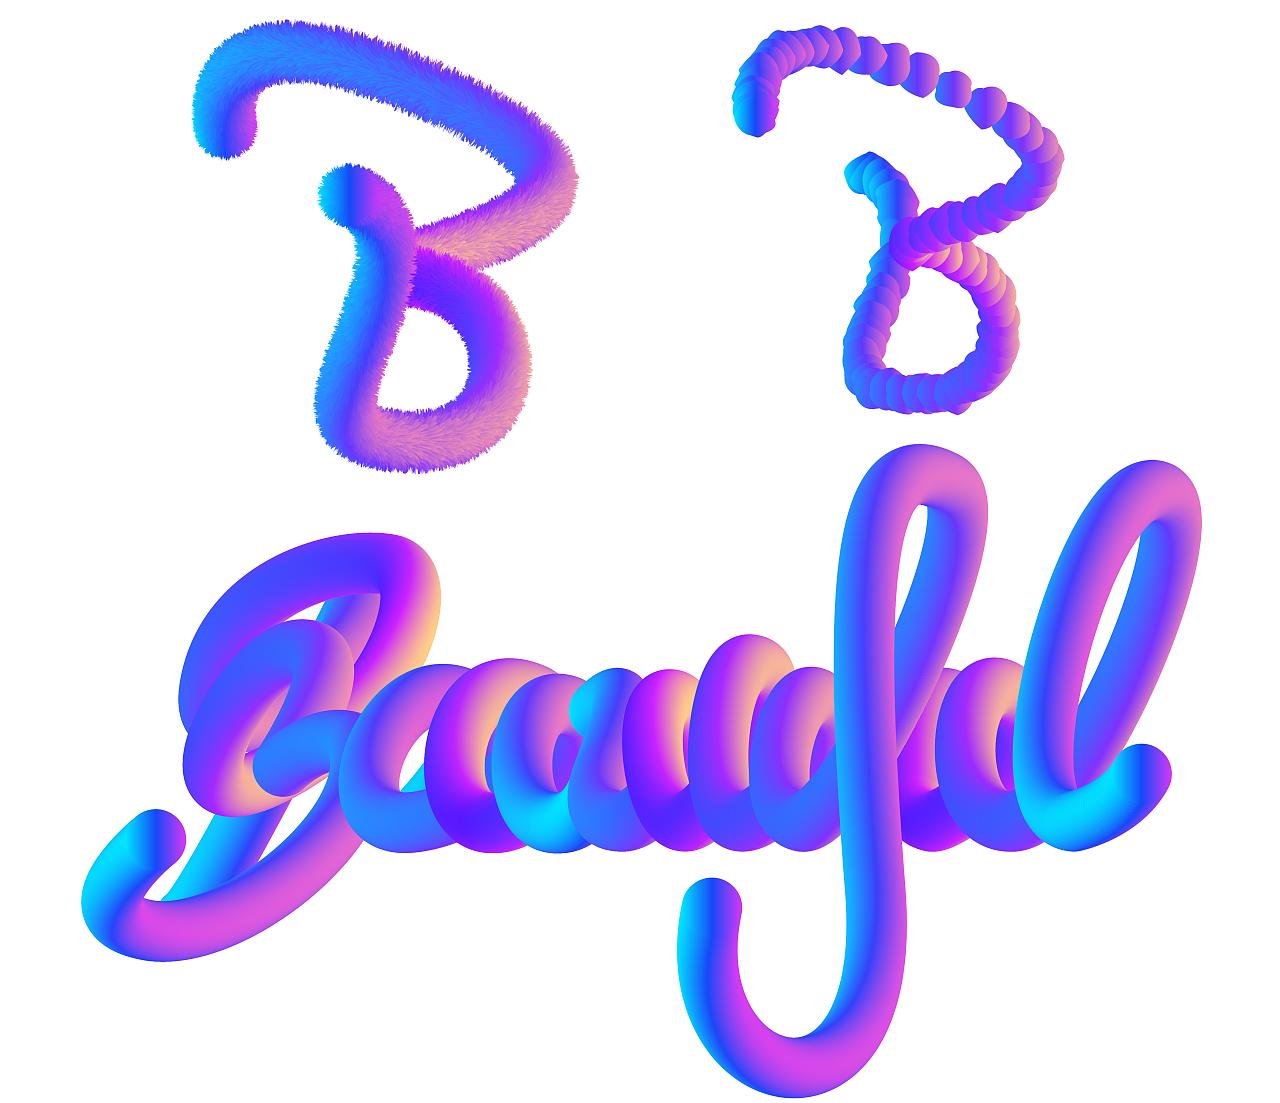 字体设计中的图标之美